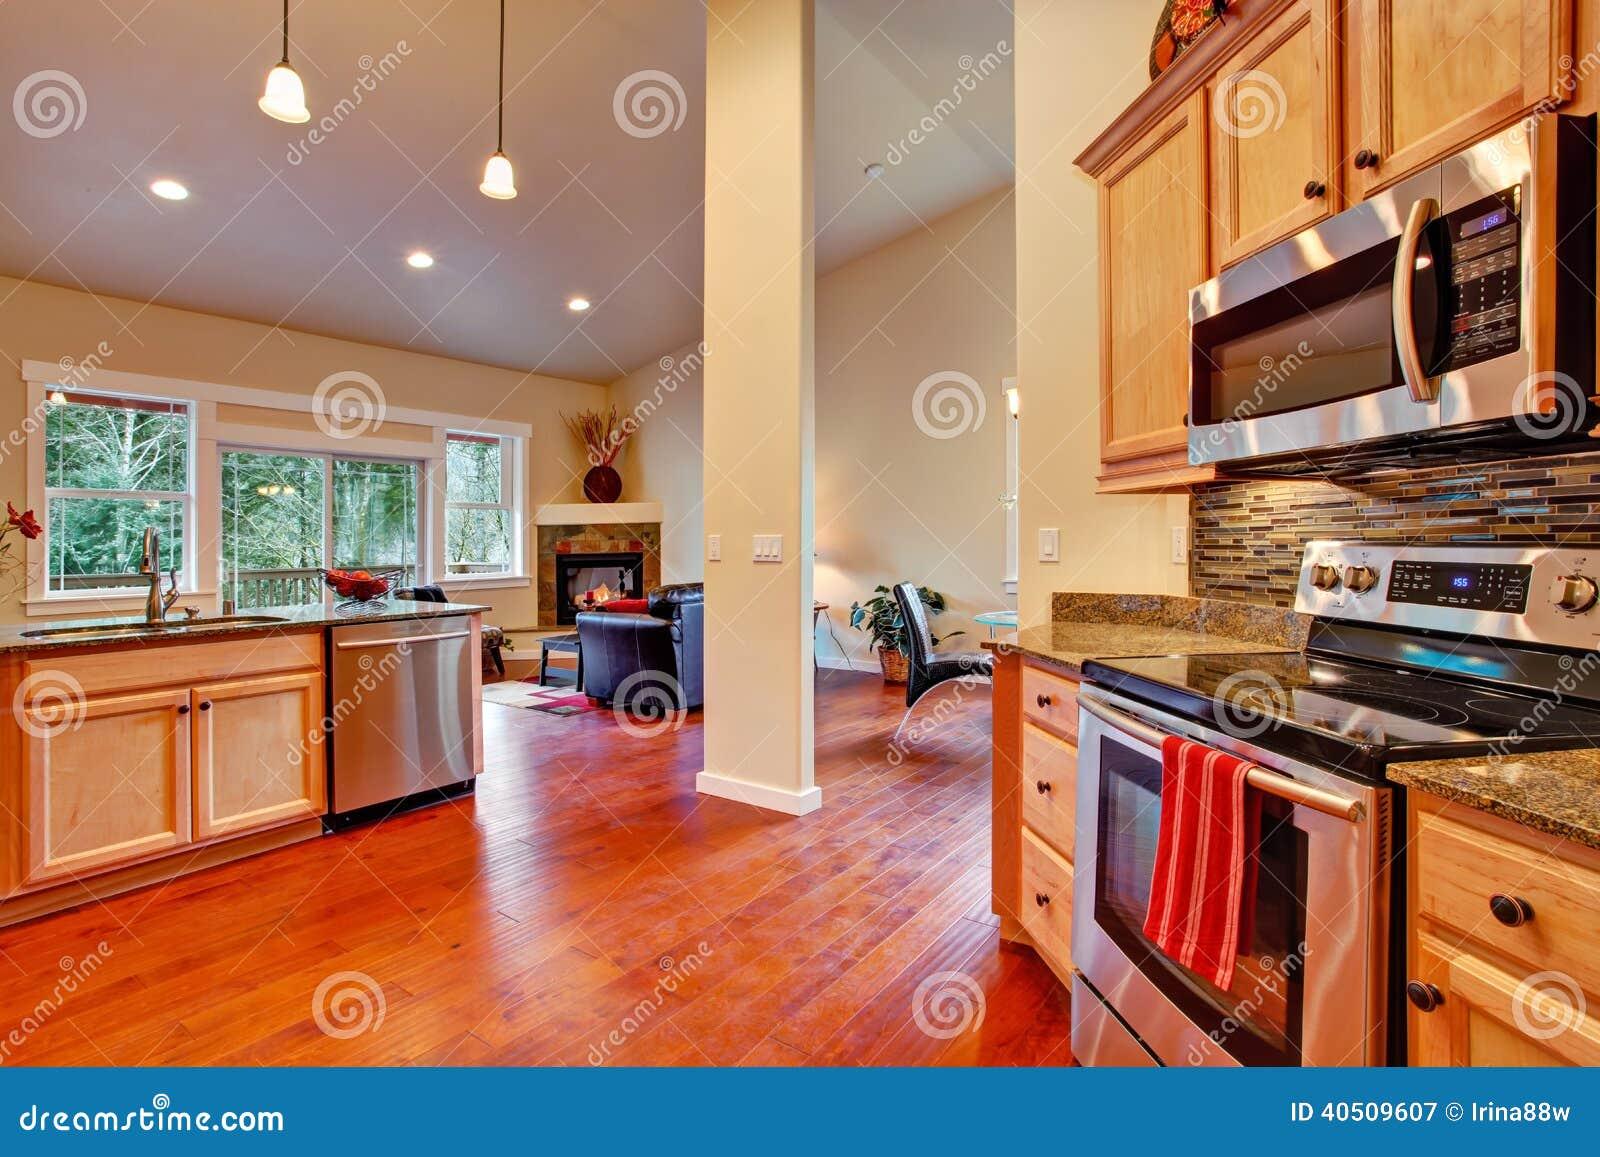 Planta Baixa Aberta Do Interior Da Casa Rea Da Cozinha Imagem De